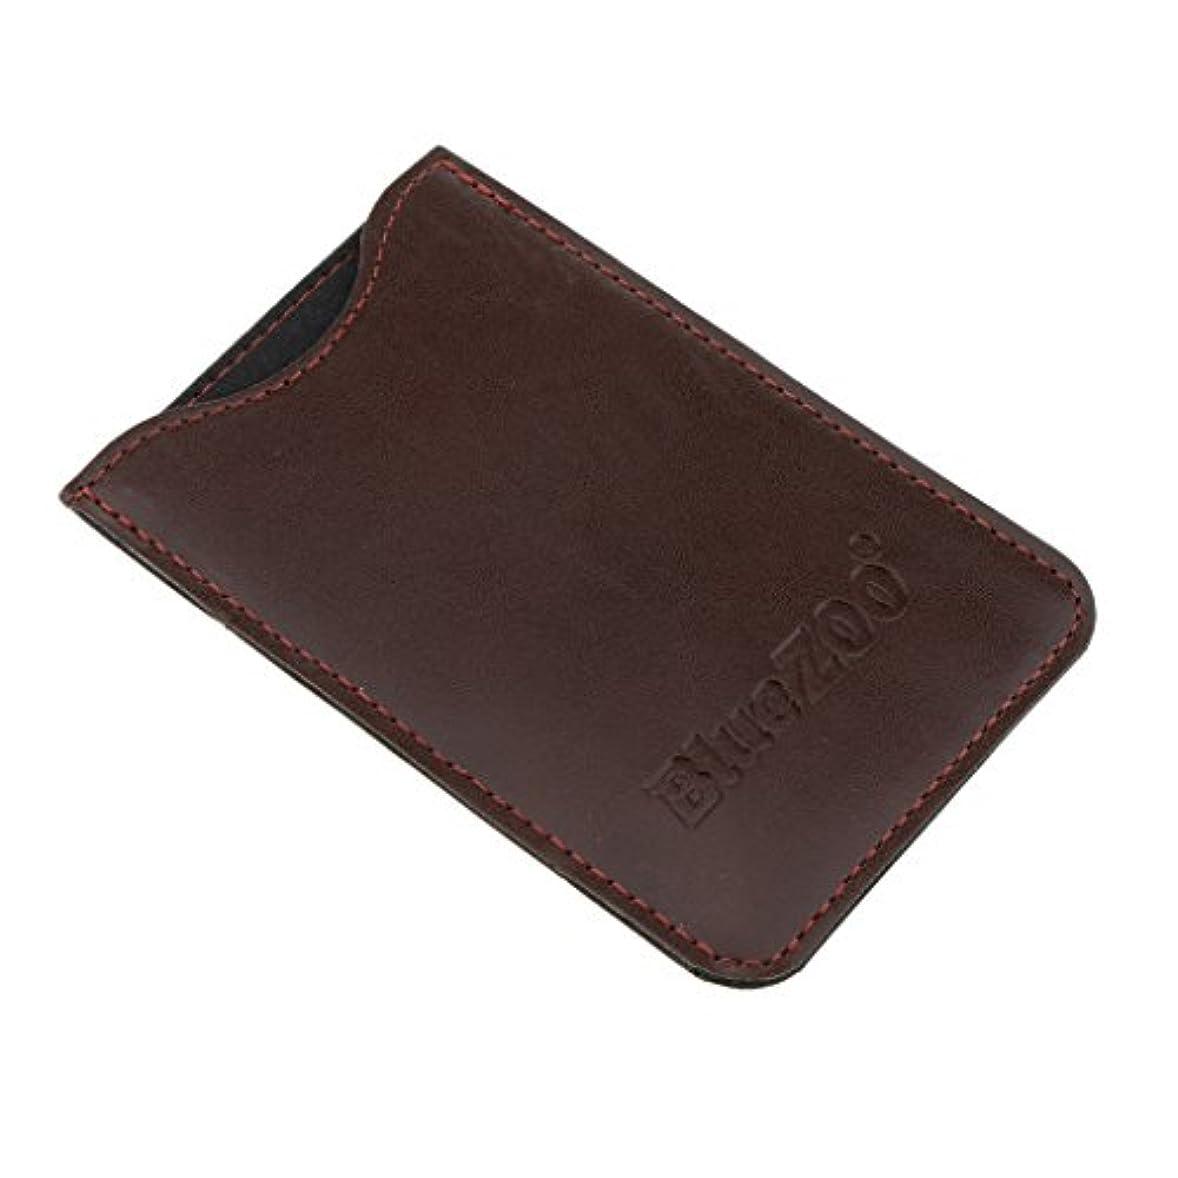 国勢調査フェデレーションブラシHomyl 収納パック 収納ケース 保護カバー 櫛/名刺/IDカード/銀行カード 多機能 高品質 全2色  - 褐色